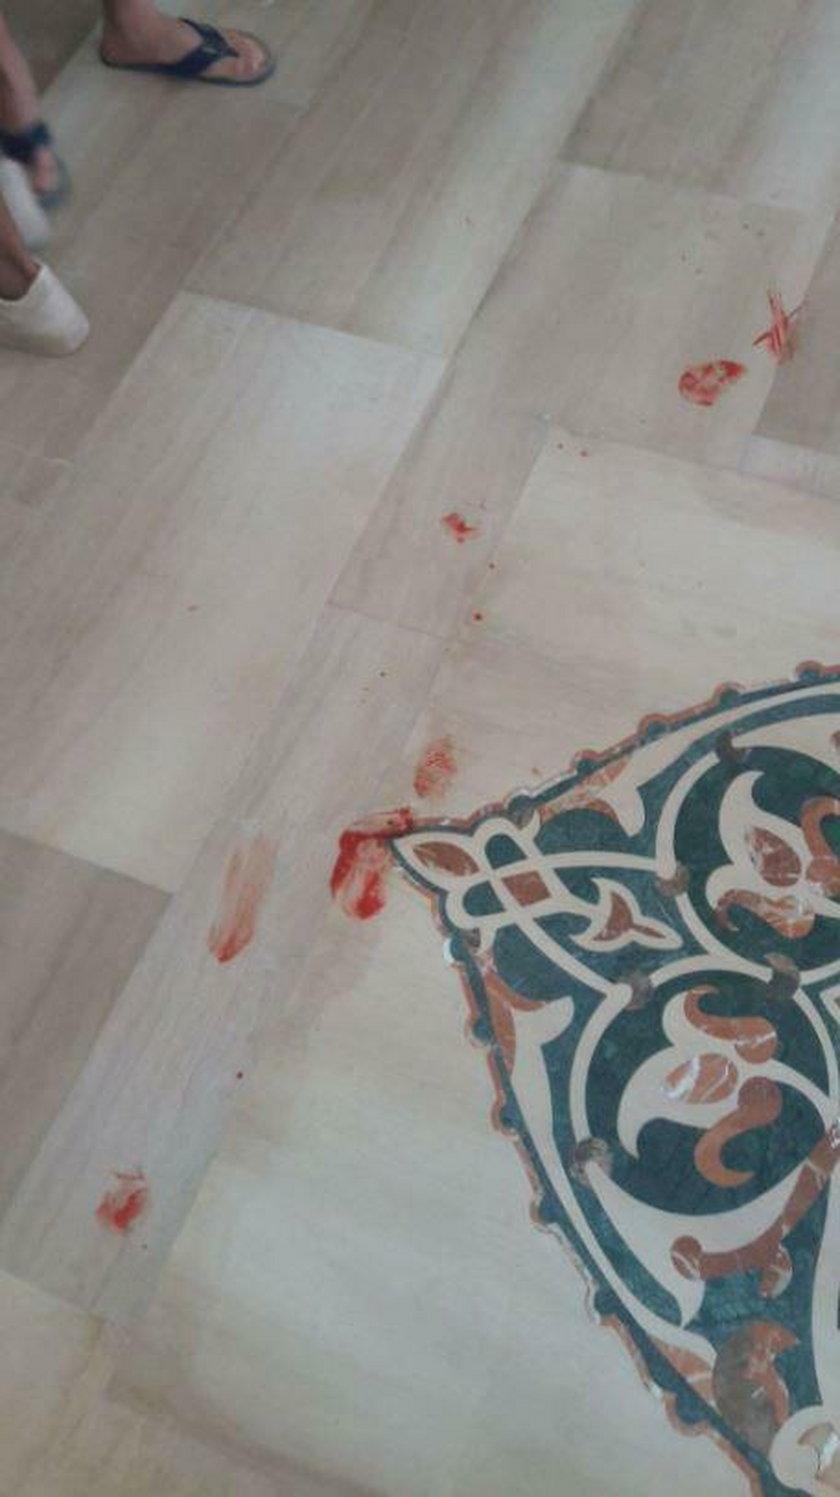 Polak wśród turystów ranionych przez nożownika w Hurghadzie